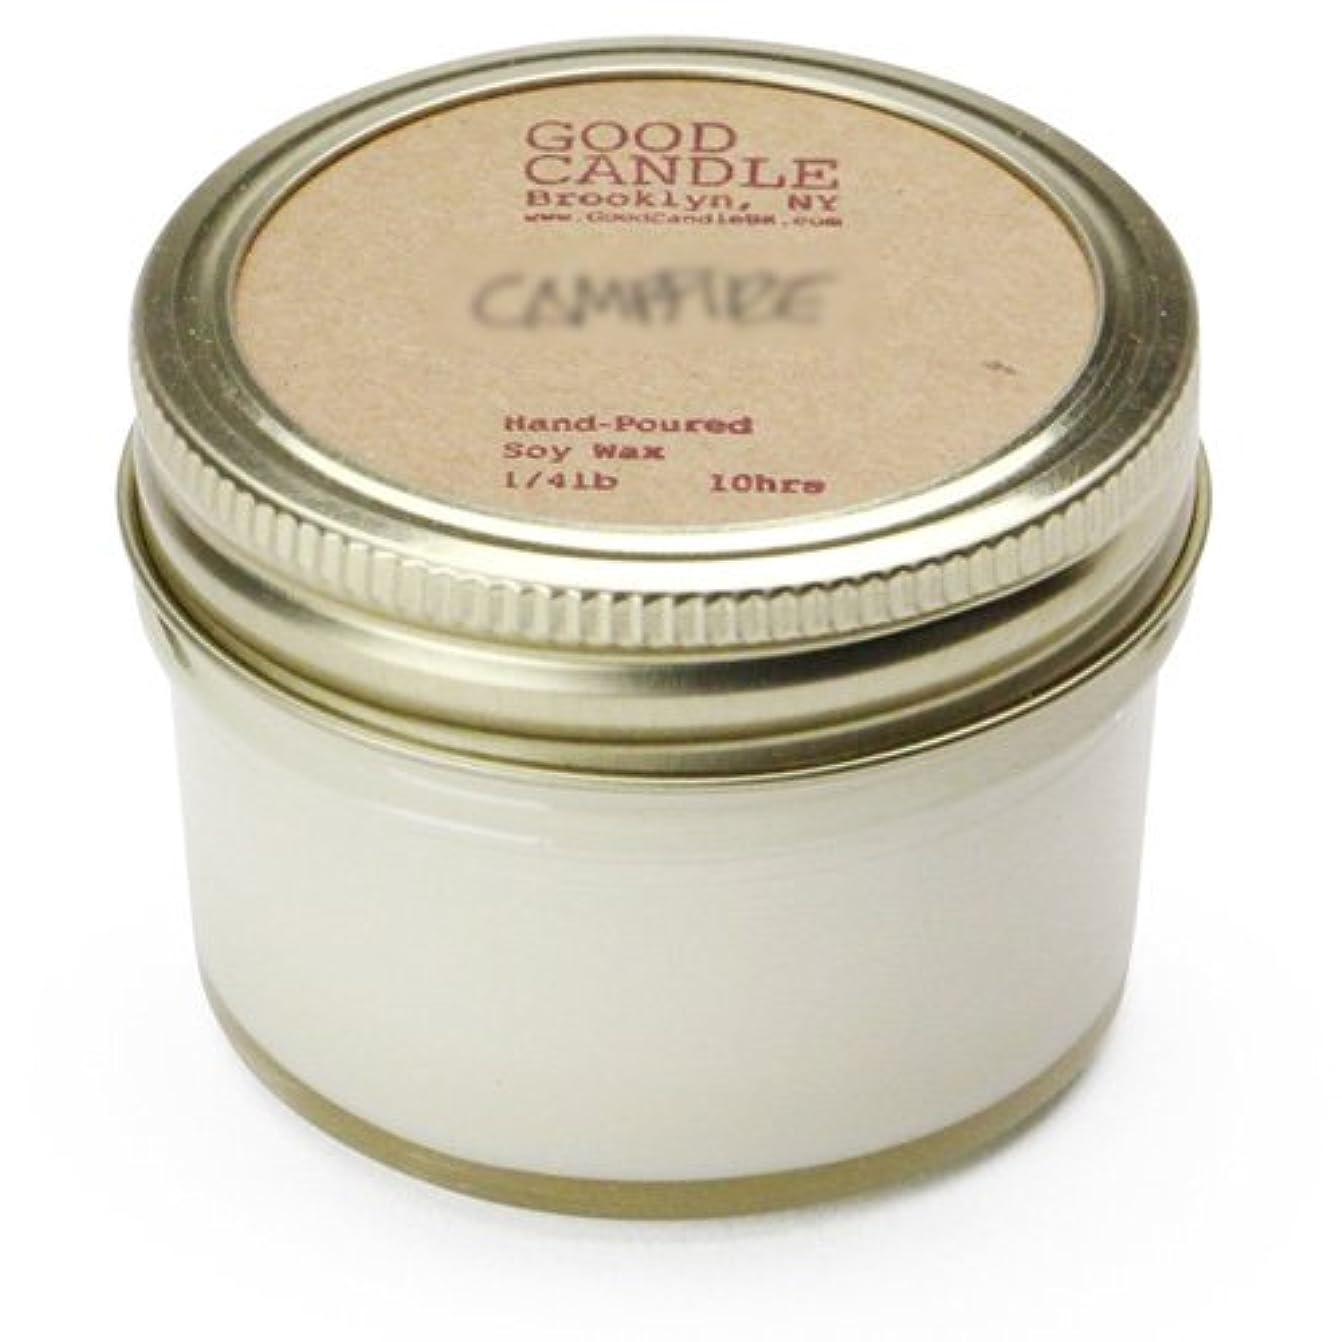 シティフォローヘリコプターグッドキャンドル 1/4ポンド ゼリージャー キャンドル Good Candle 1/4LB Jelly jar candle [ Wash board ] 正規品